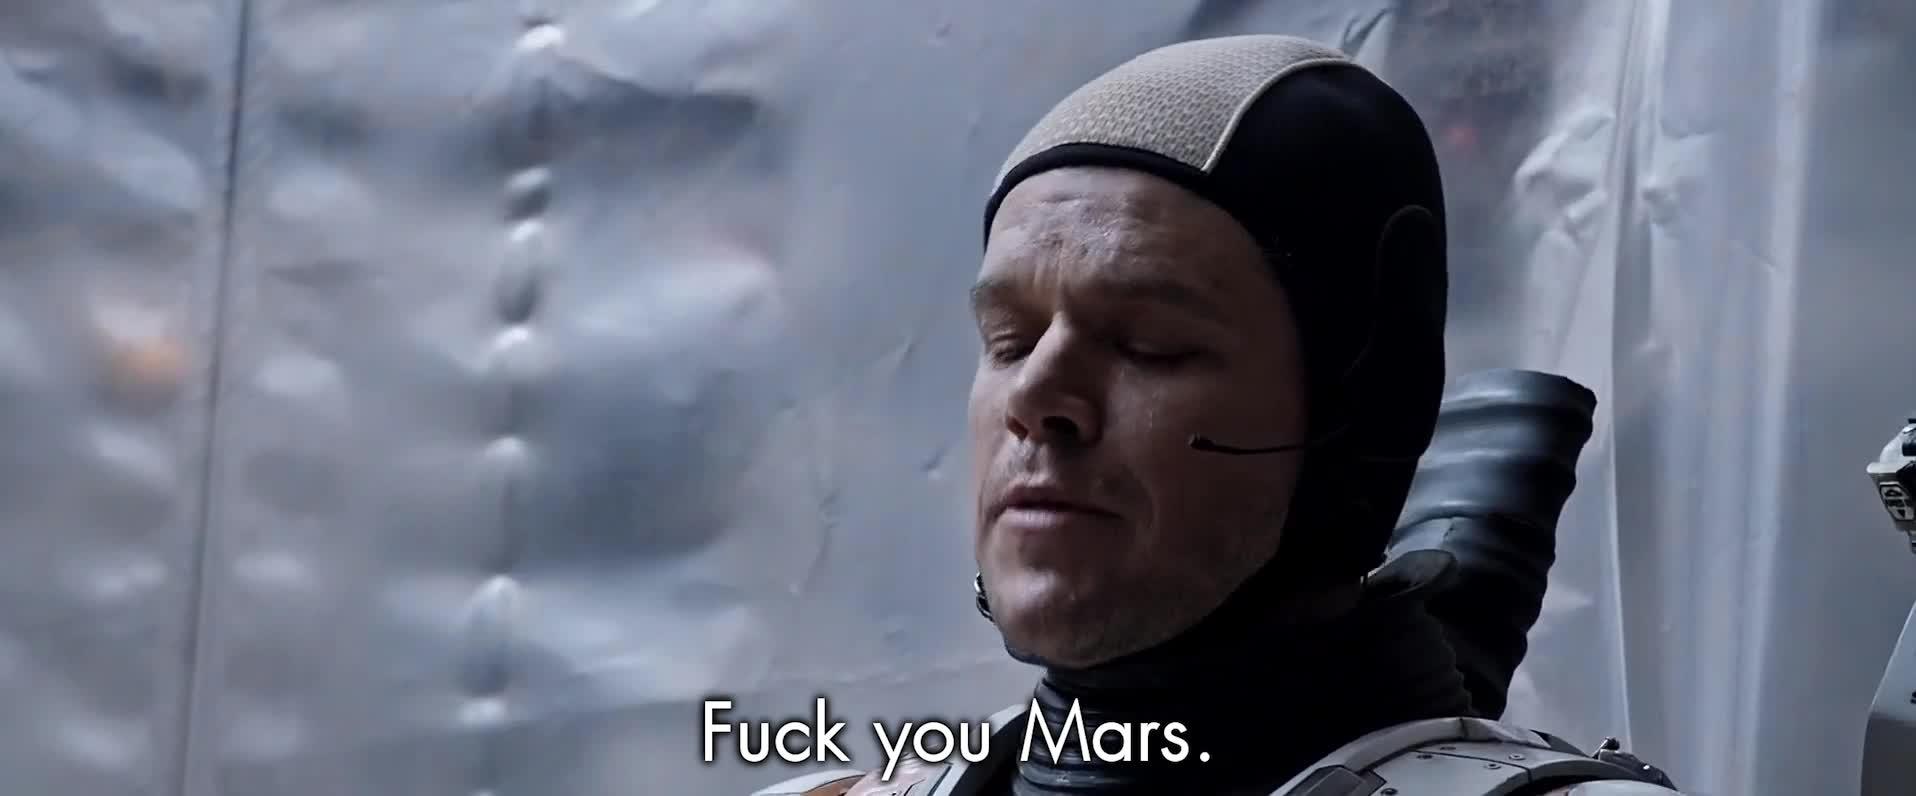 reactiongifs, Fuck you, Mars - The Martian GIFs